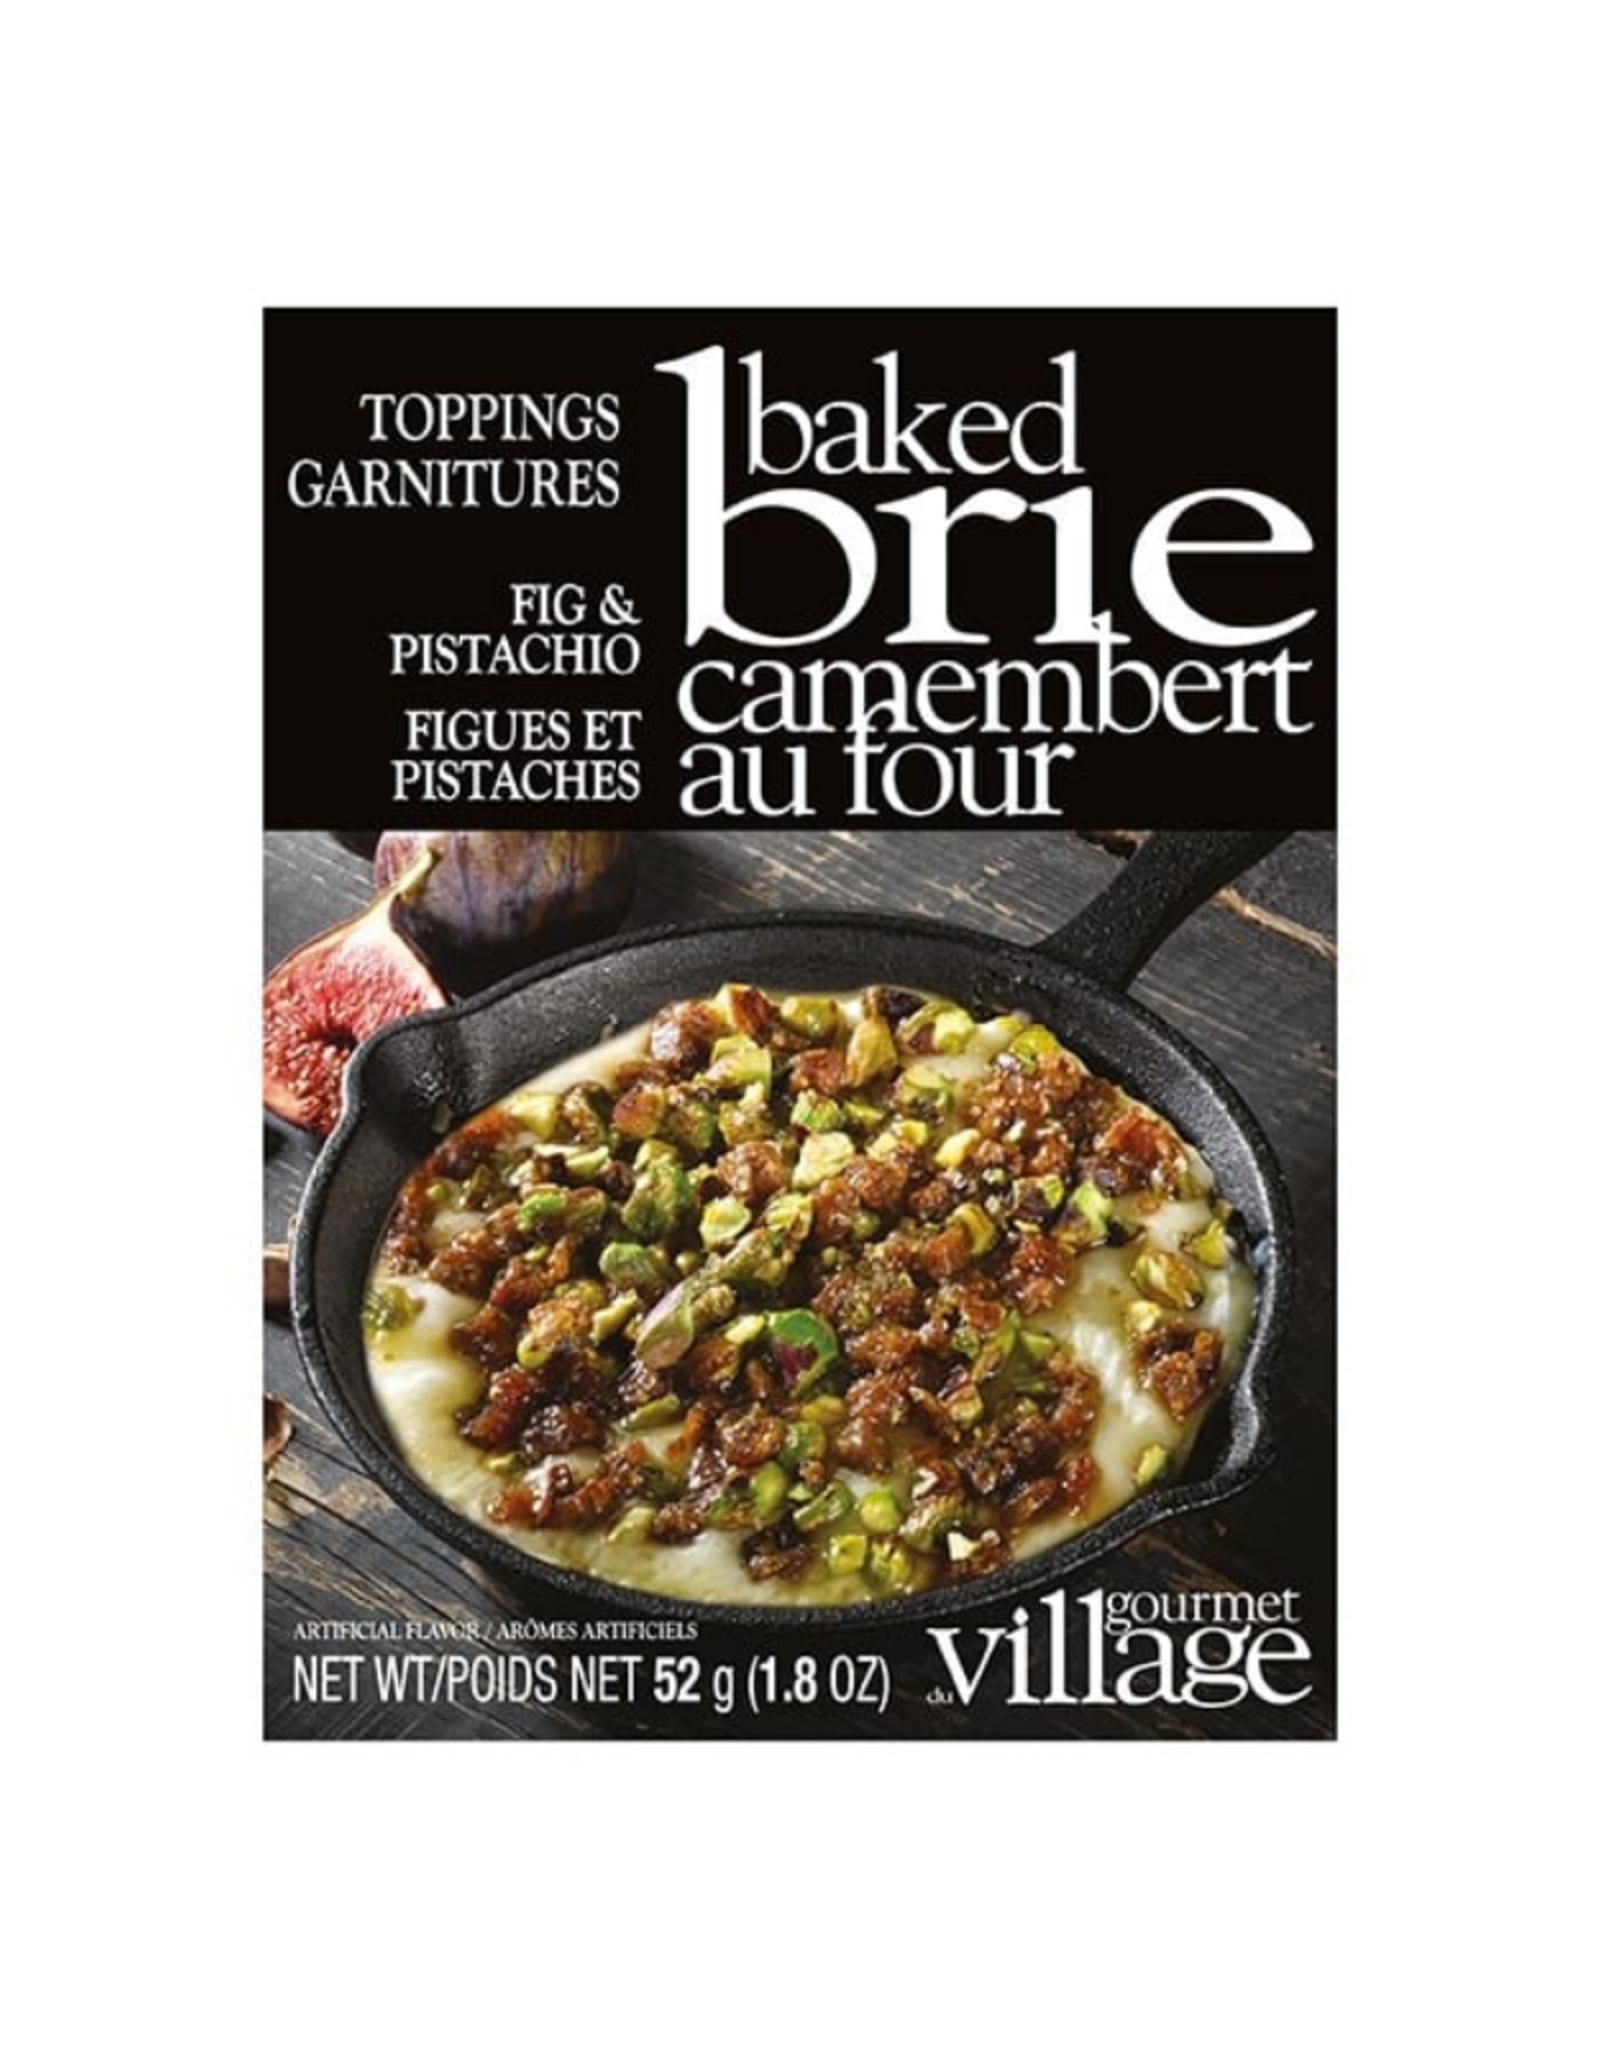 Gourmet du Village Garniture pour Brie - Figues et pistaches